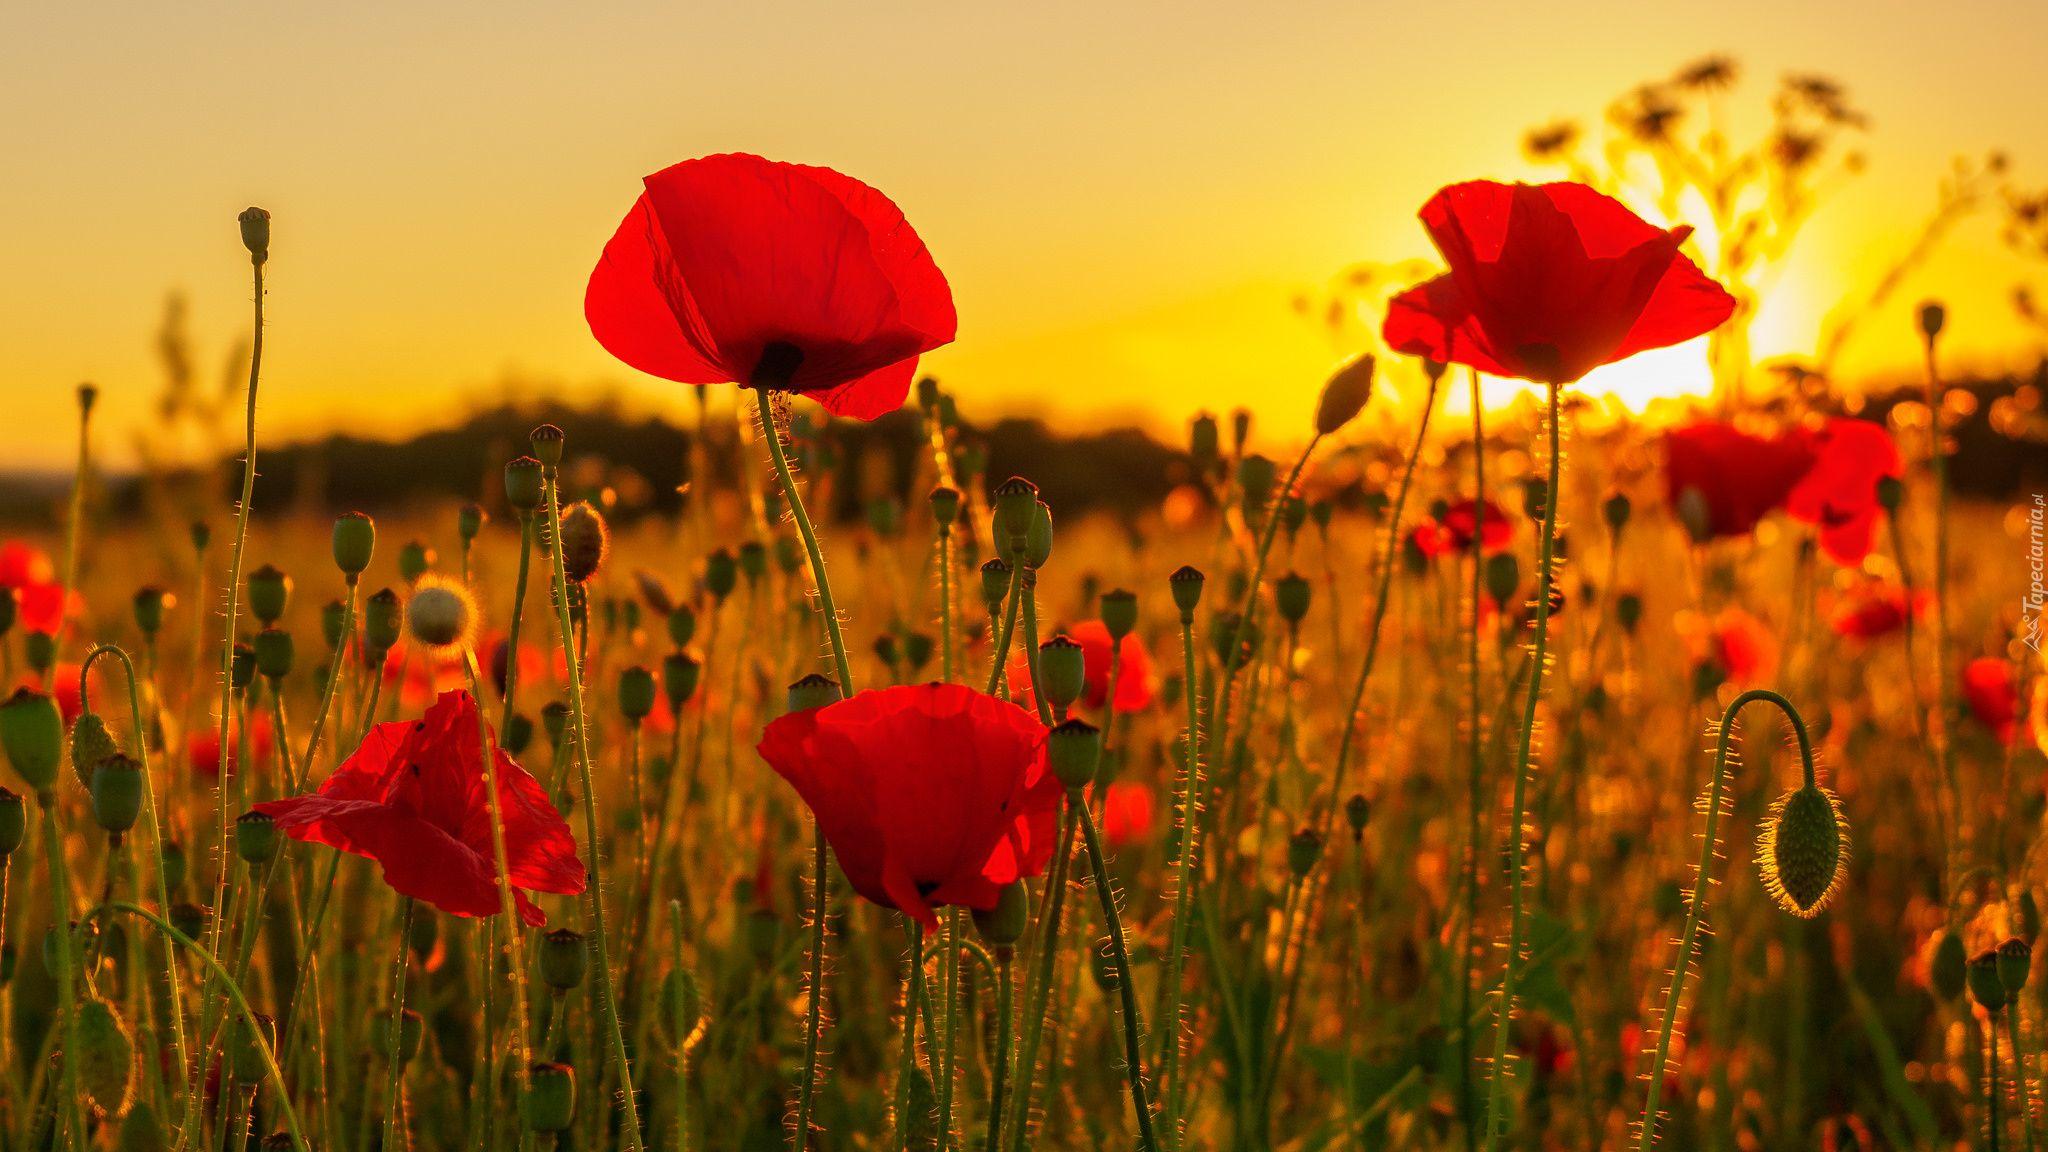 Kwiaty Laka Maki Zachod Slonca Piekne Tapety Na Twoj Pulpit Nature Photography Flower Images Street Art